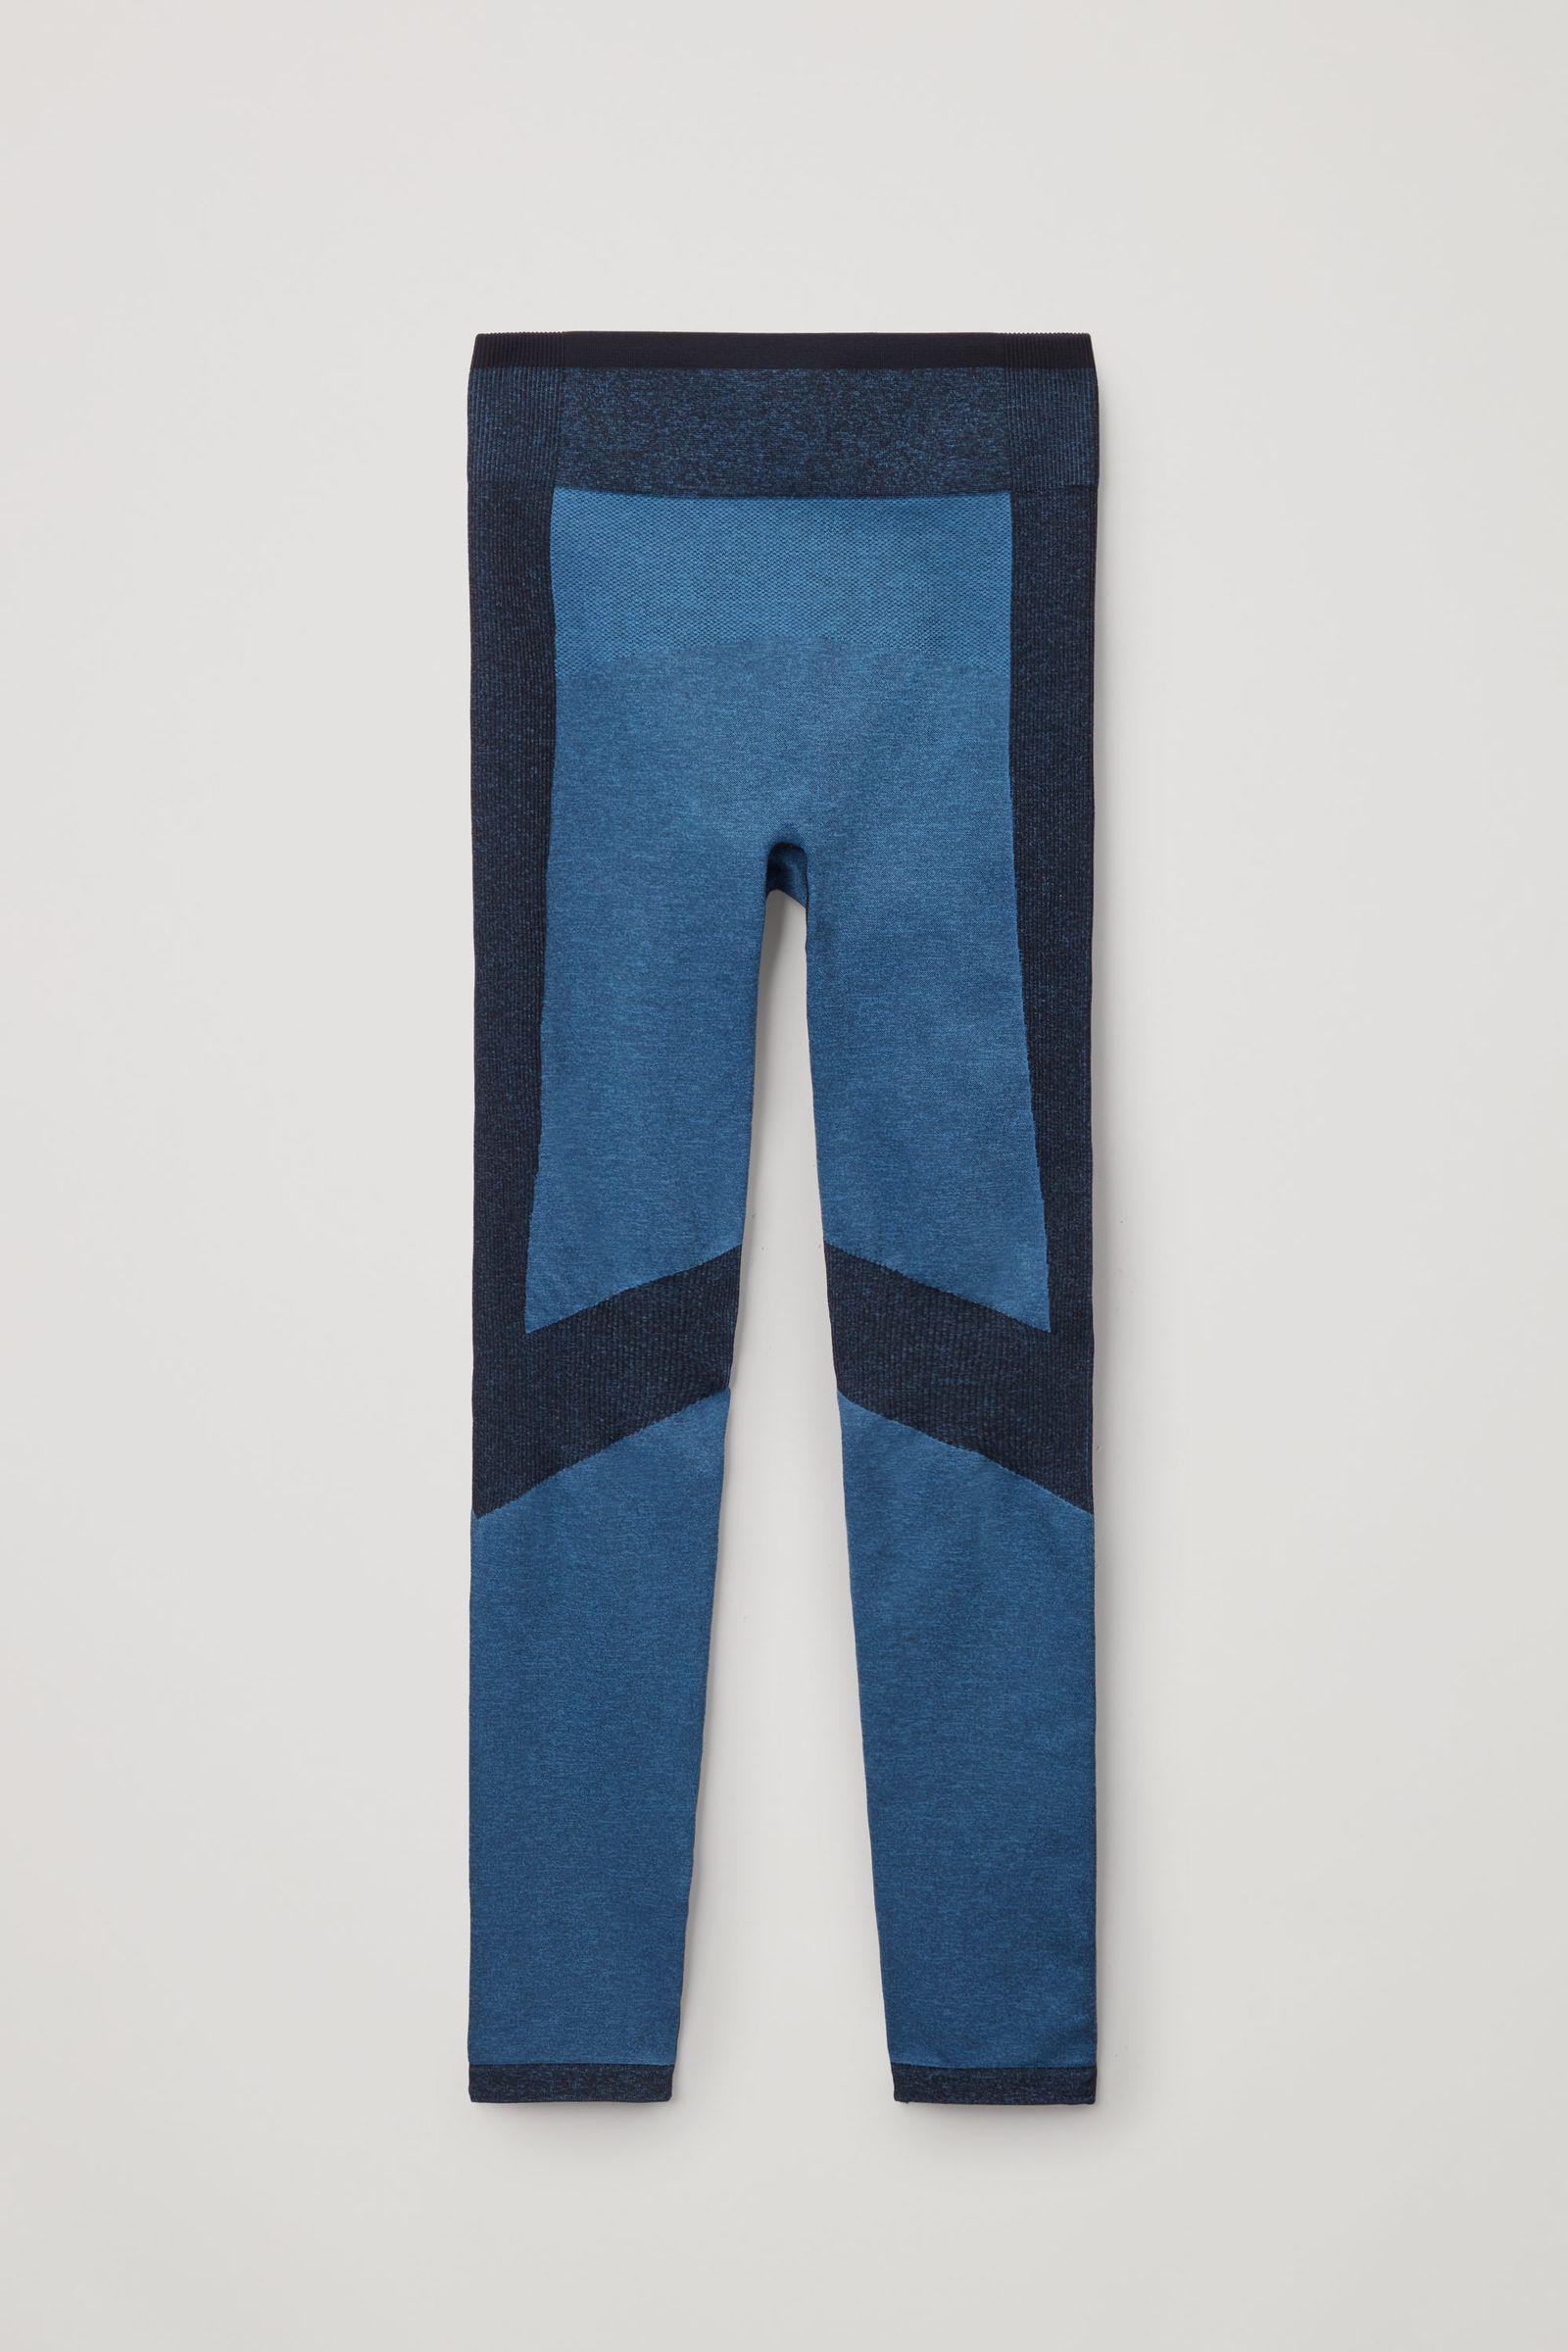 COS 심리스 퍼포먼스 레깅스의 블루 / 네이비컬러 Product입니다.